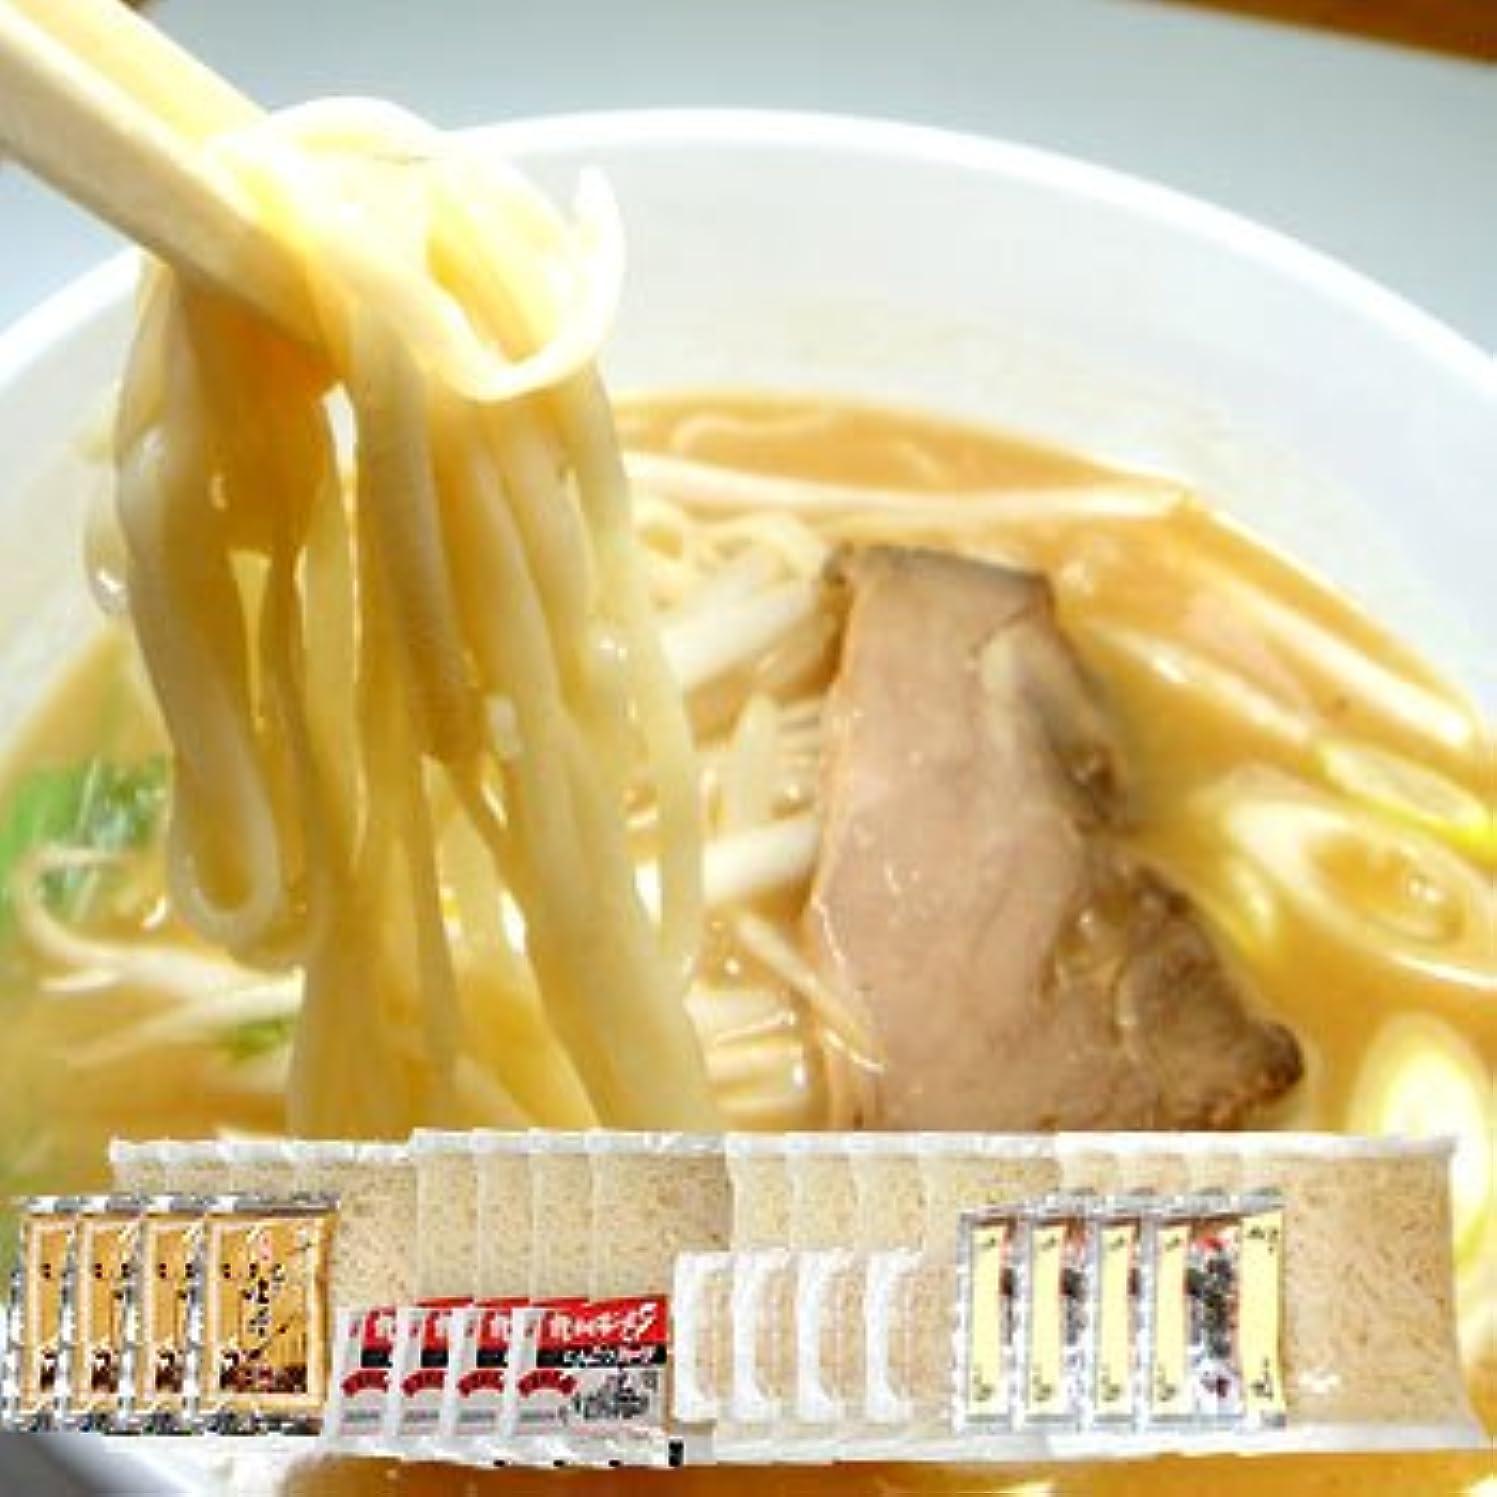 規制飲み込む火星こんにゃくラーメン4味16食 (味噌4、醤油4、塩4、豚骨4)【ダイエット】【ヌードル】【麺】【コラーゲン配合選べるセット】